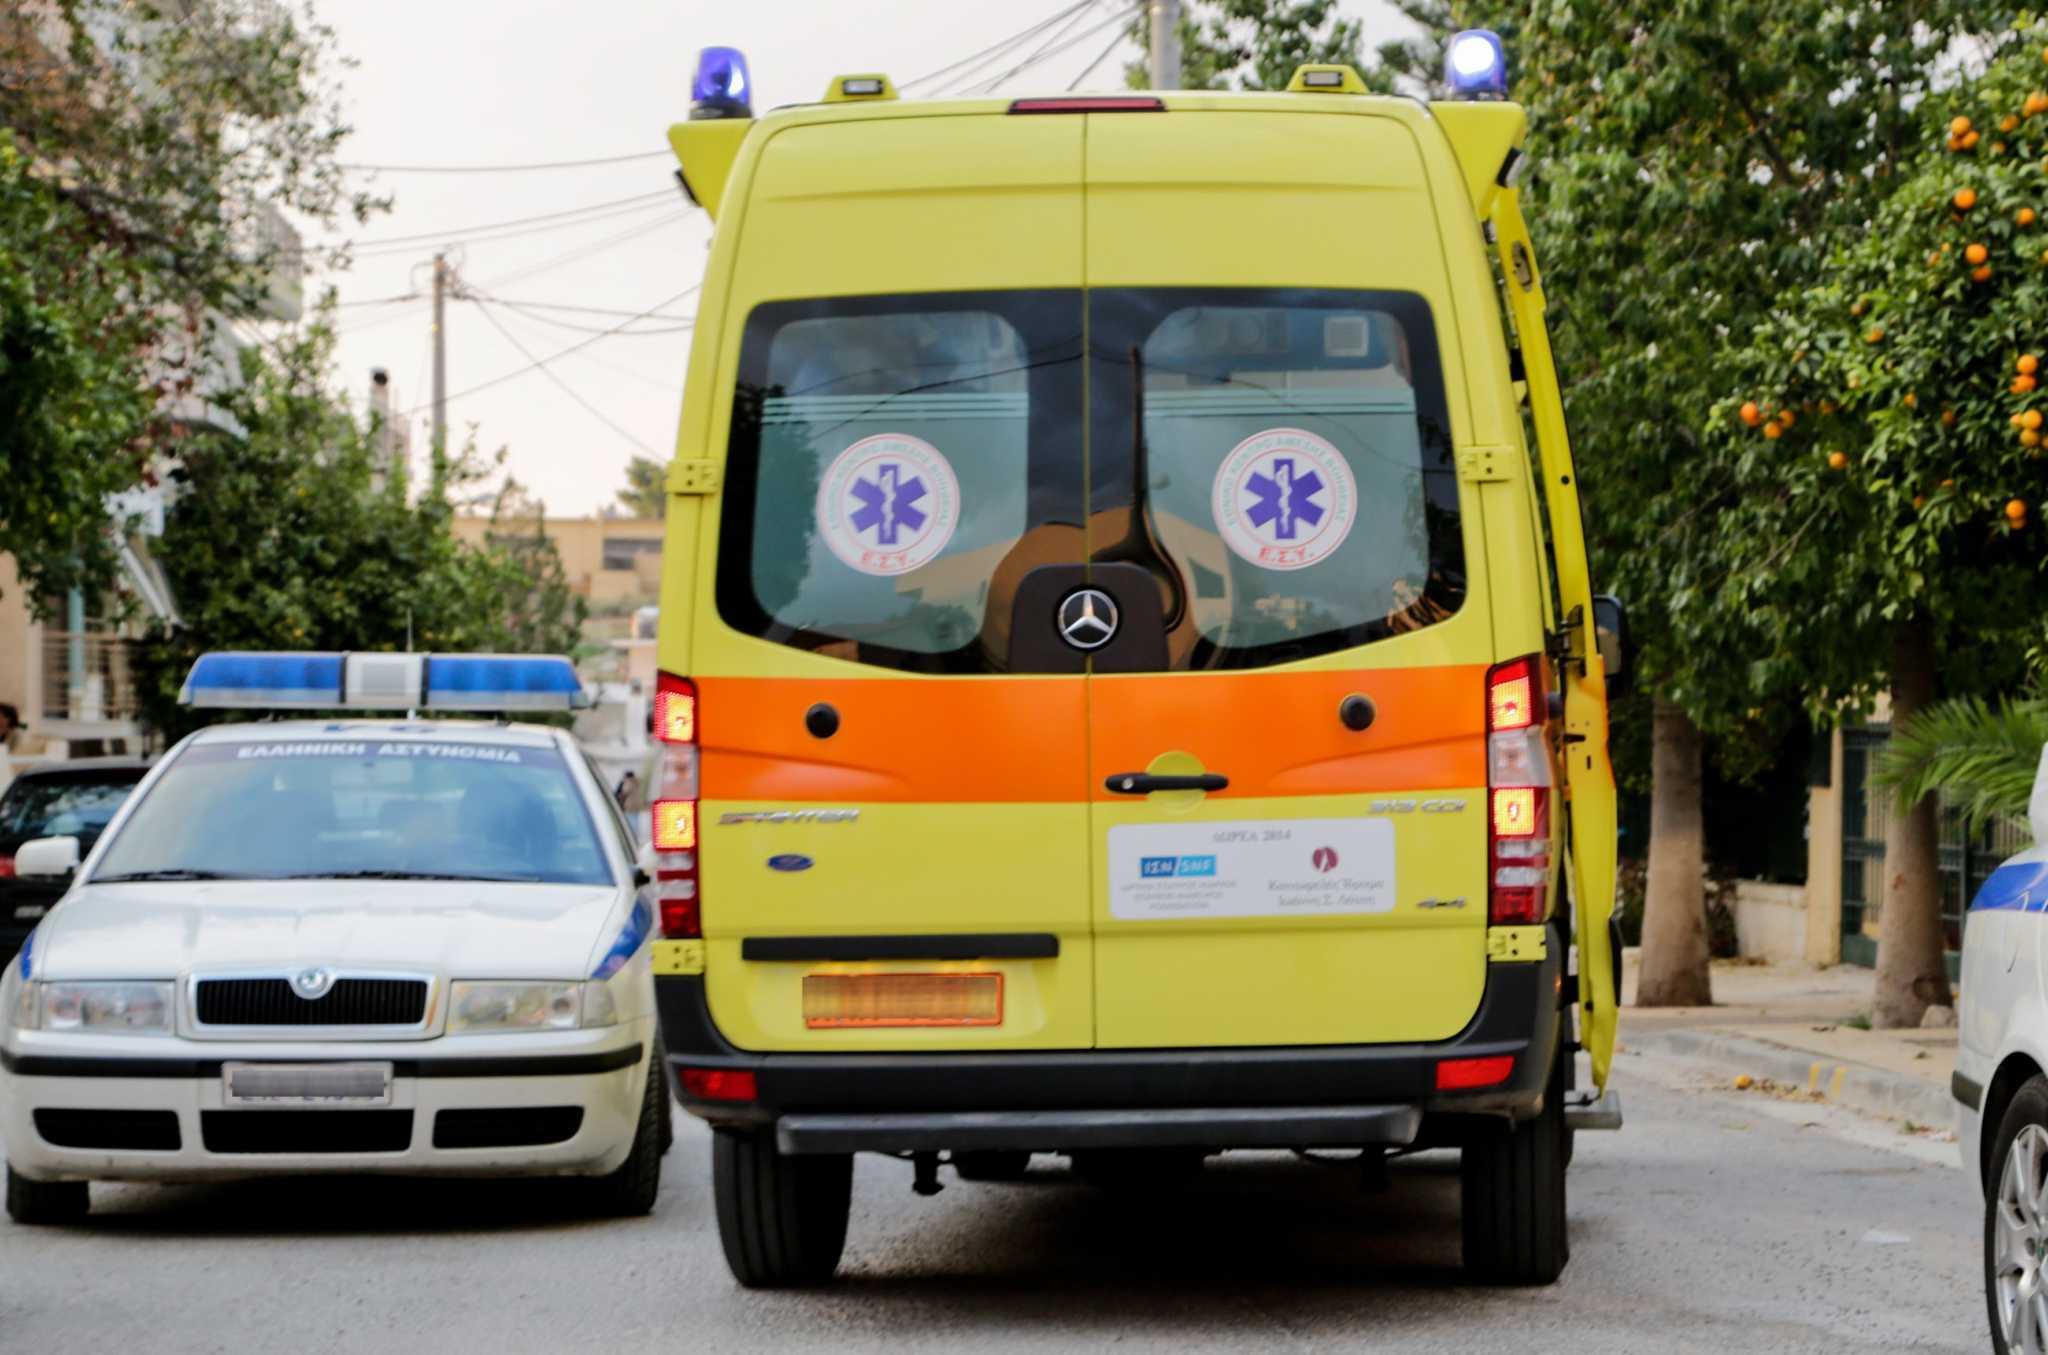 """Σοκ στο κέντρο της Αθήνας με την αυτοκτονία άνδρα: Έκανε """"σάλτο μορτάλε"""" από τον 6ο όροφο πολυκατοικίας"""